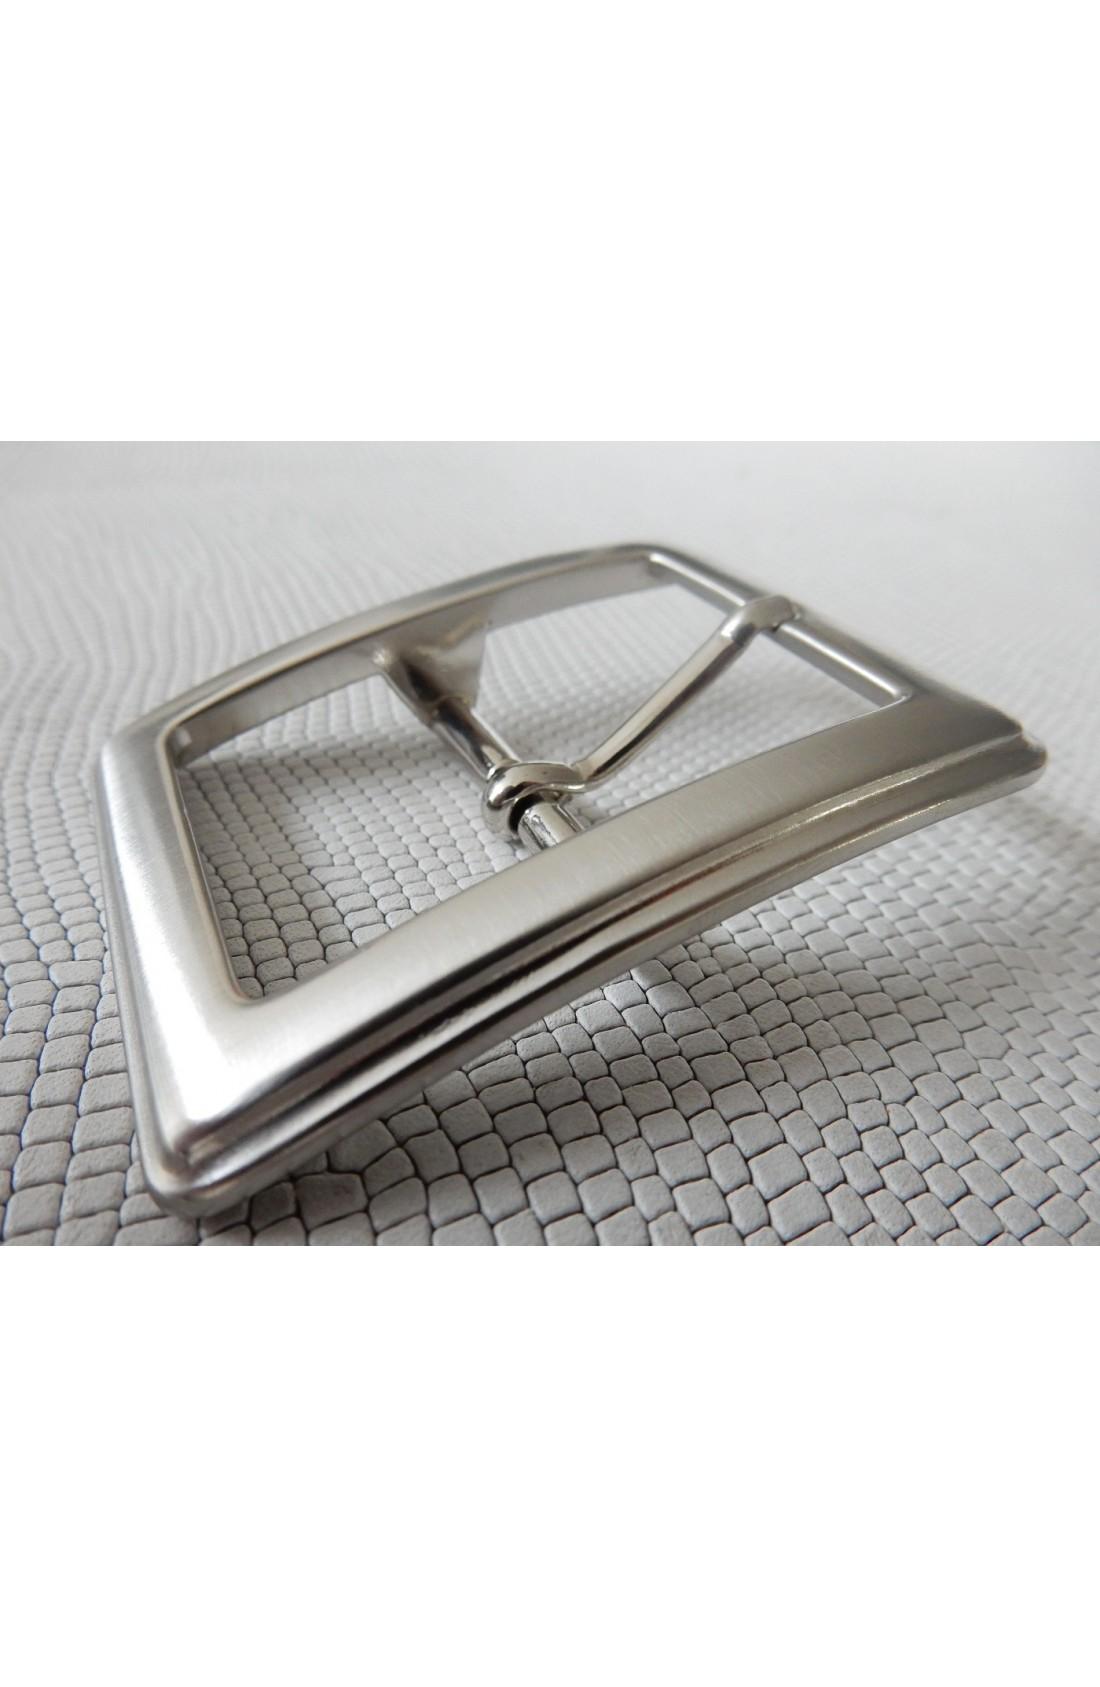 Fibbia Standard D 308 mm.30 nikel satinato free (2)